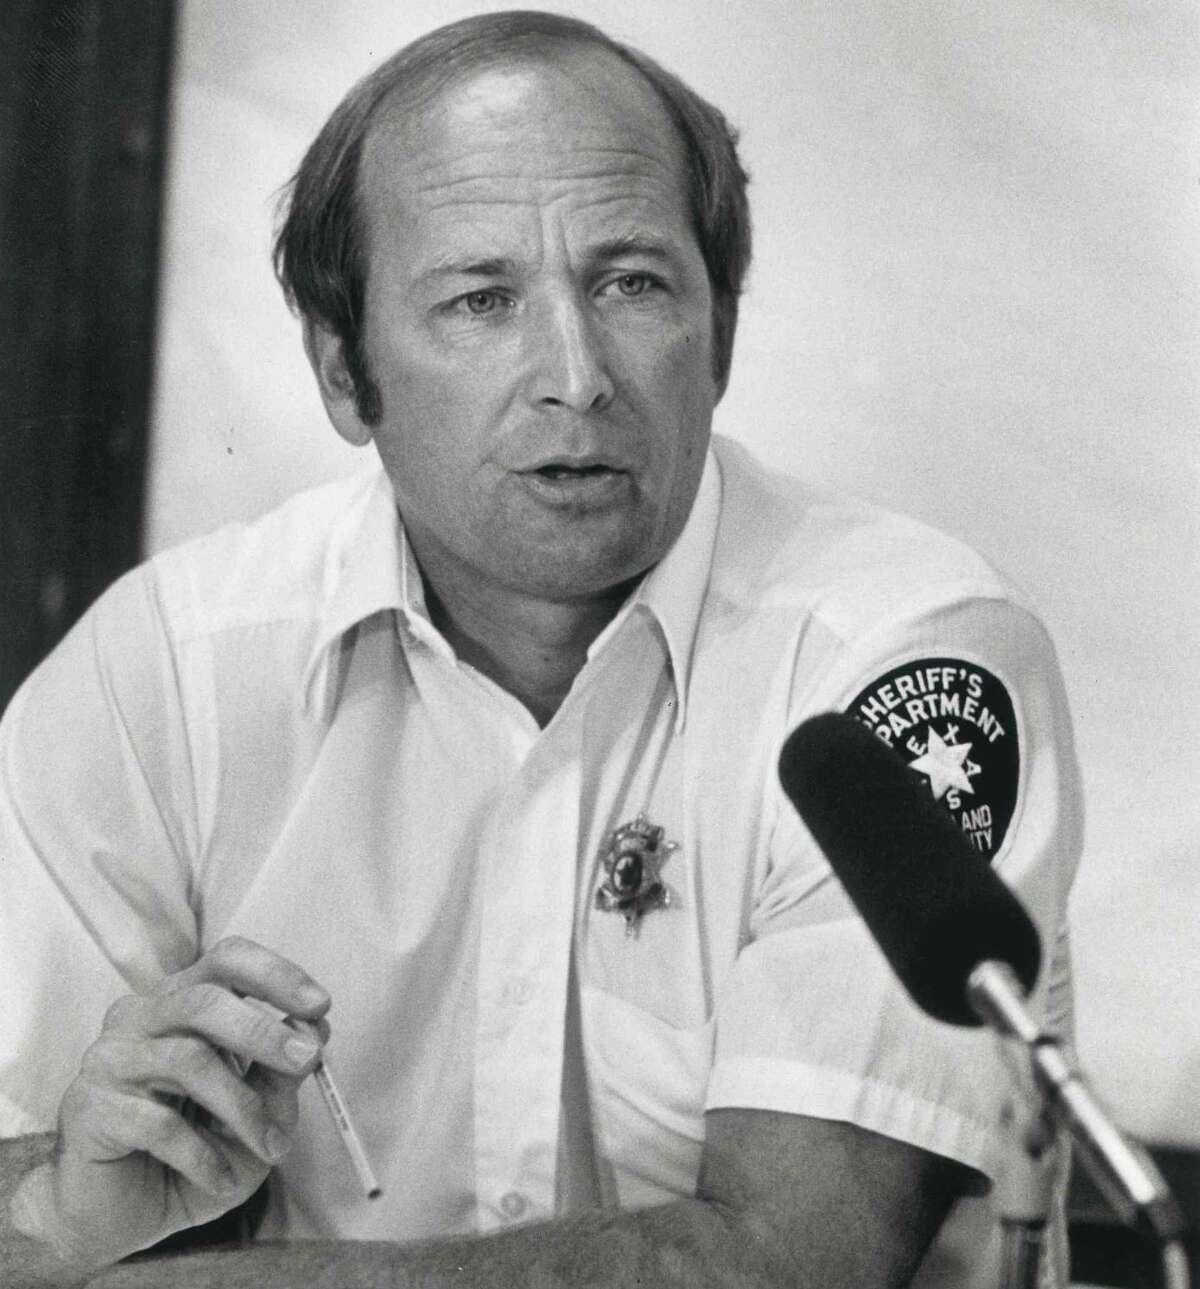 Photo taken in 1982